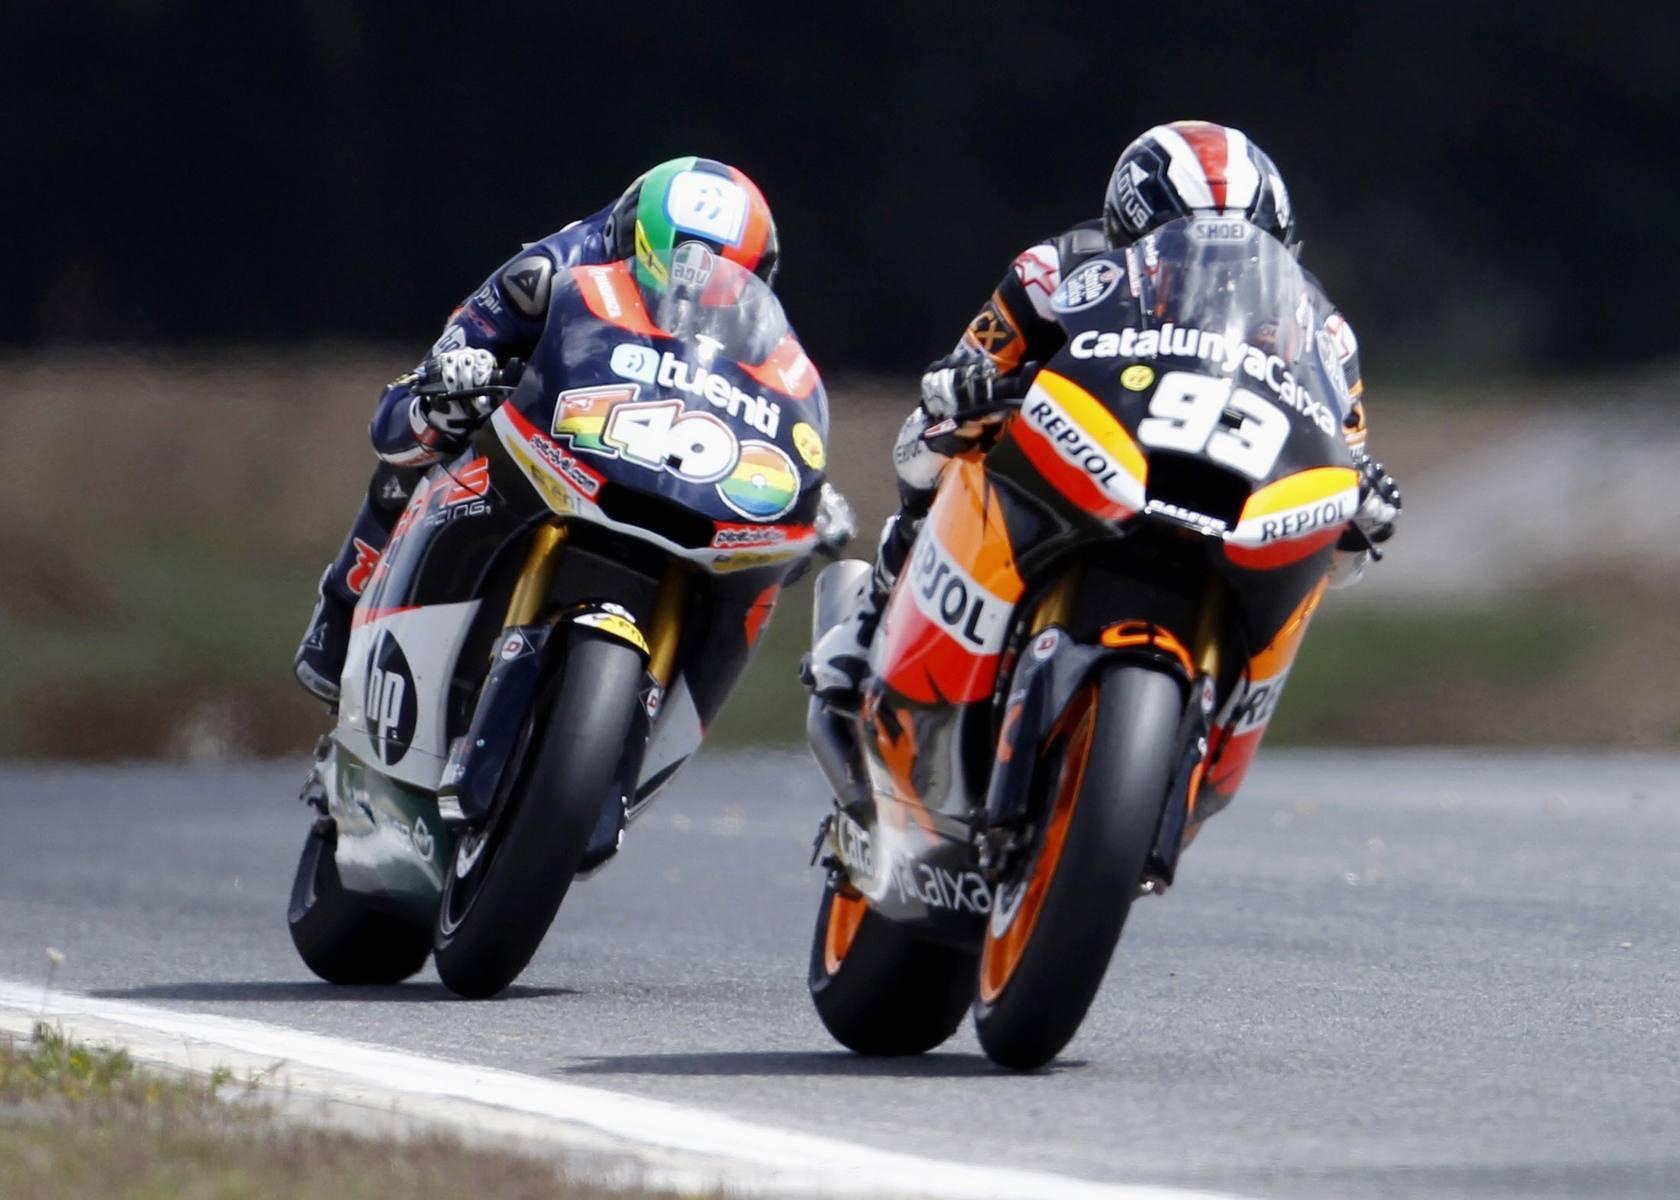 El español Marc Márquez gana la carrera de Moto2 en Estoril